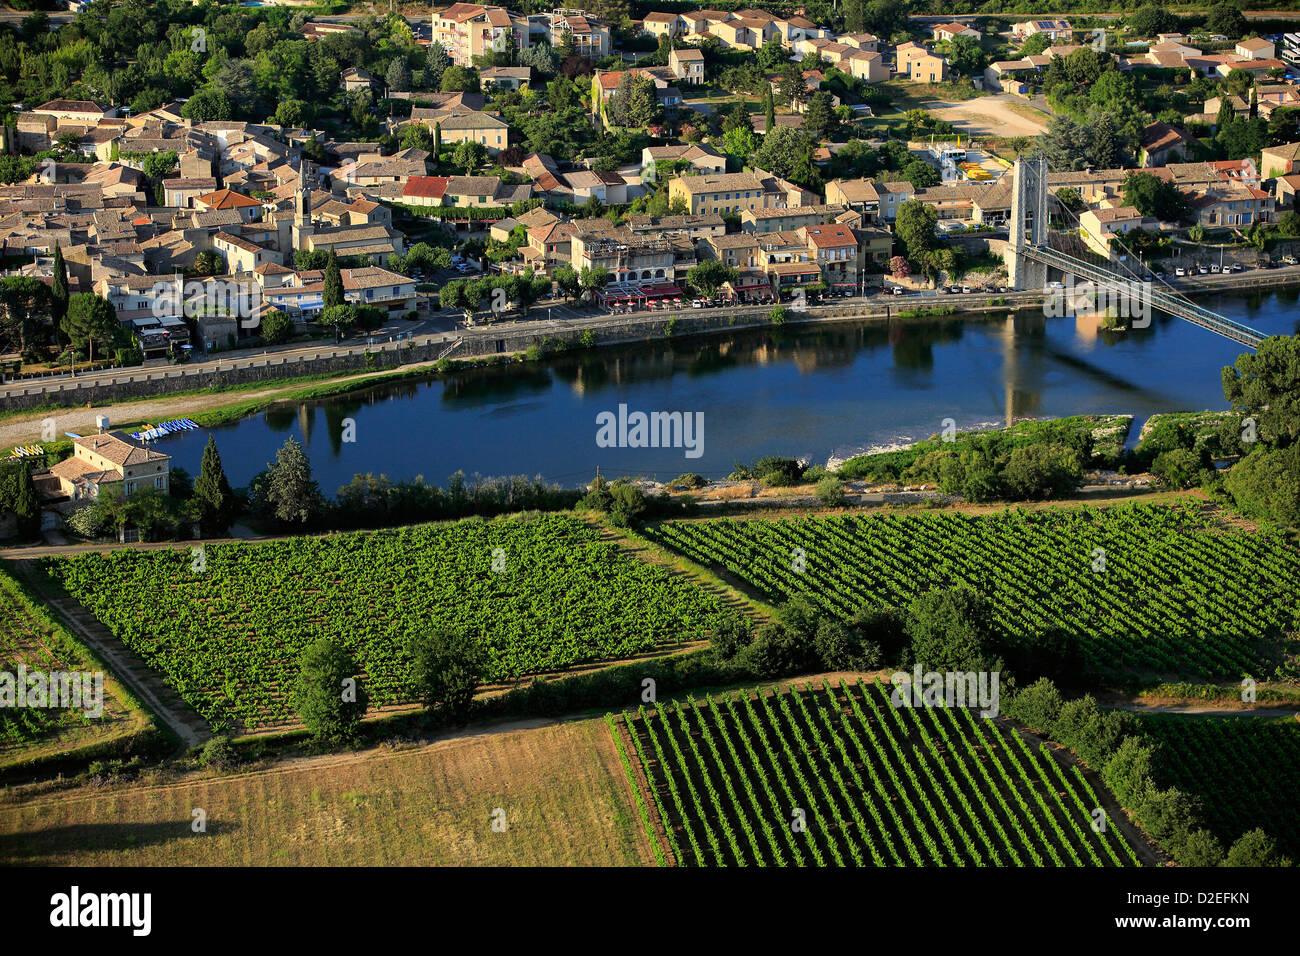 France, Ardeche (07), Saint-Martin d'Ardèche, tourist village - Stock Image